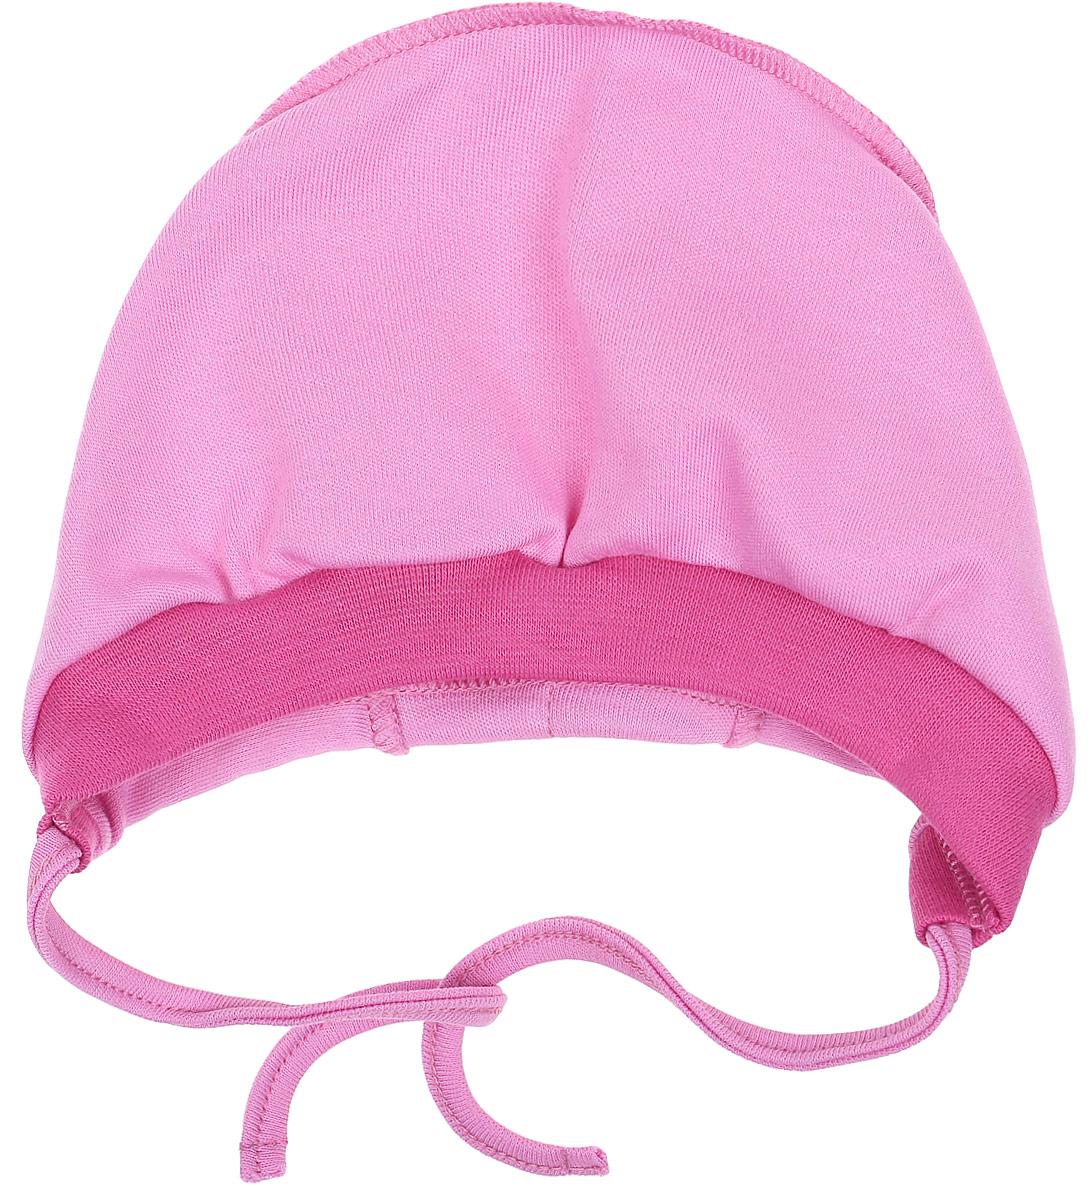 Чепчик детский Luky Child, цвет: розовый. А6-110/розовый. Размер 86/92 штанишки детские luky child цвет розовый бирюзовый а6 111 размер 86 92